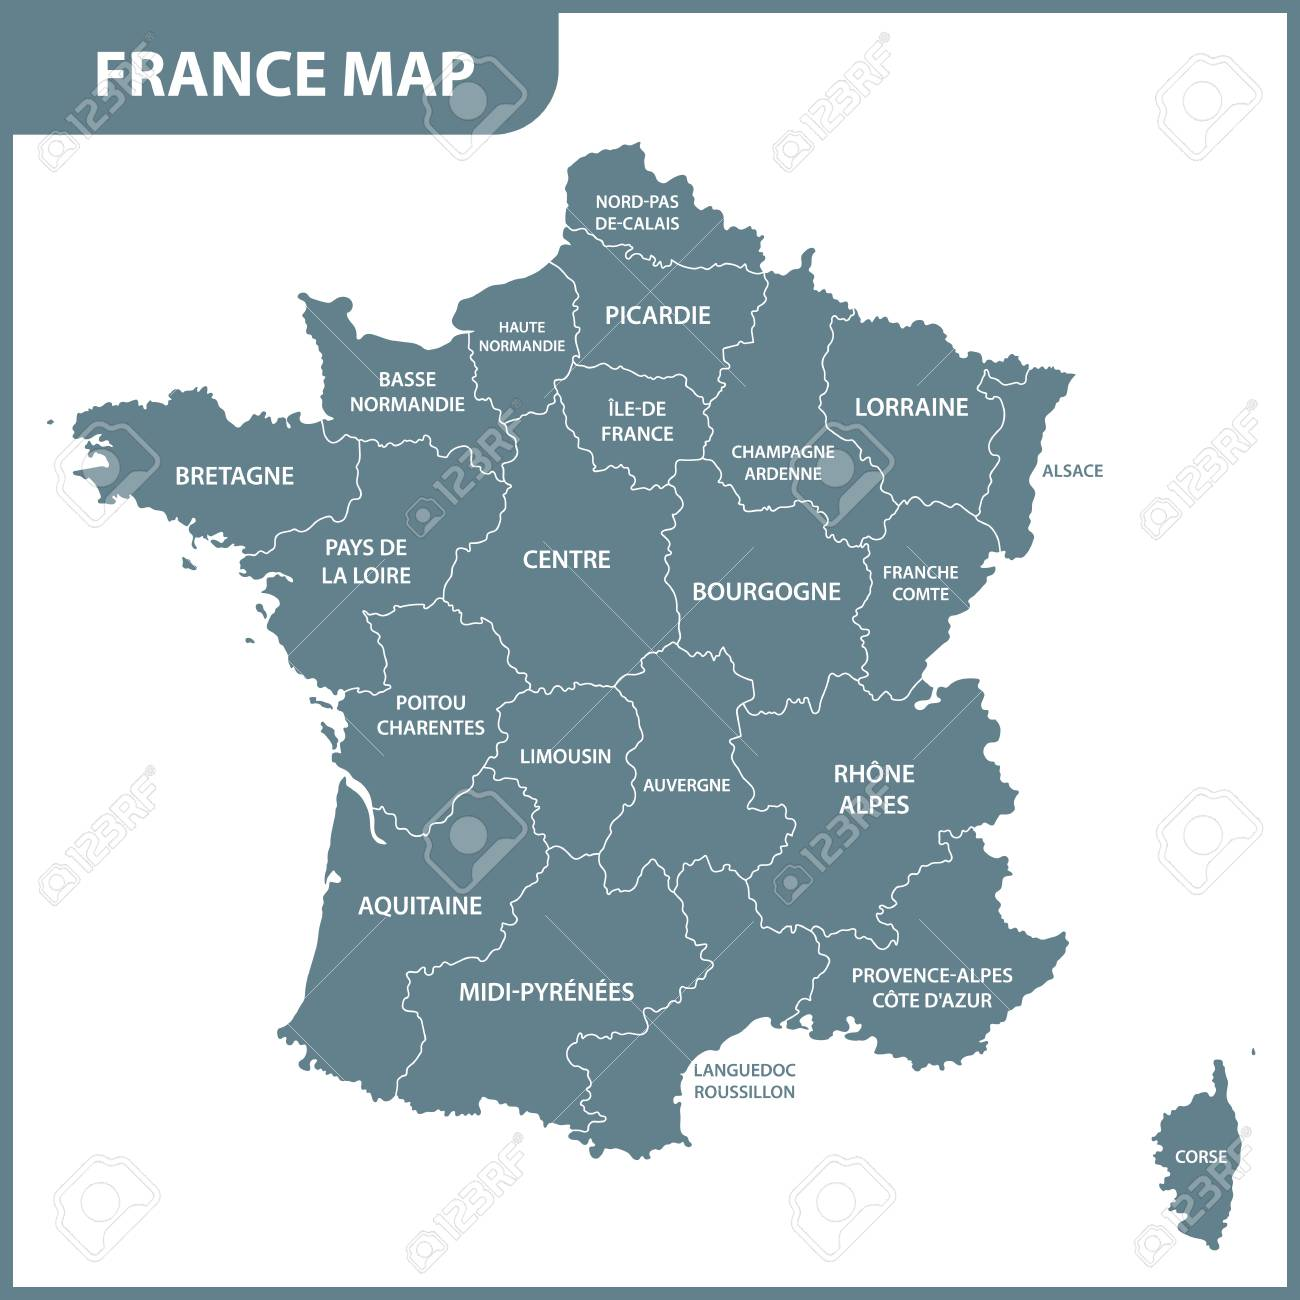 La Carte Détaillée De La France Avec Des Régions Ou Des états Clip Art  Libres De Droits , Vecteurs Et Illustration. Image 91117735.